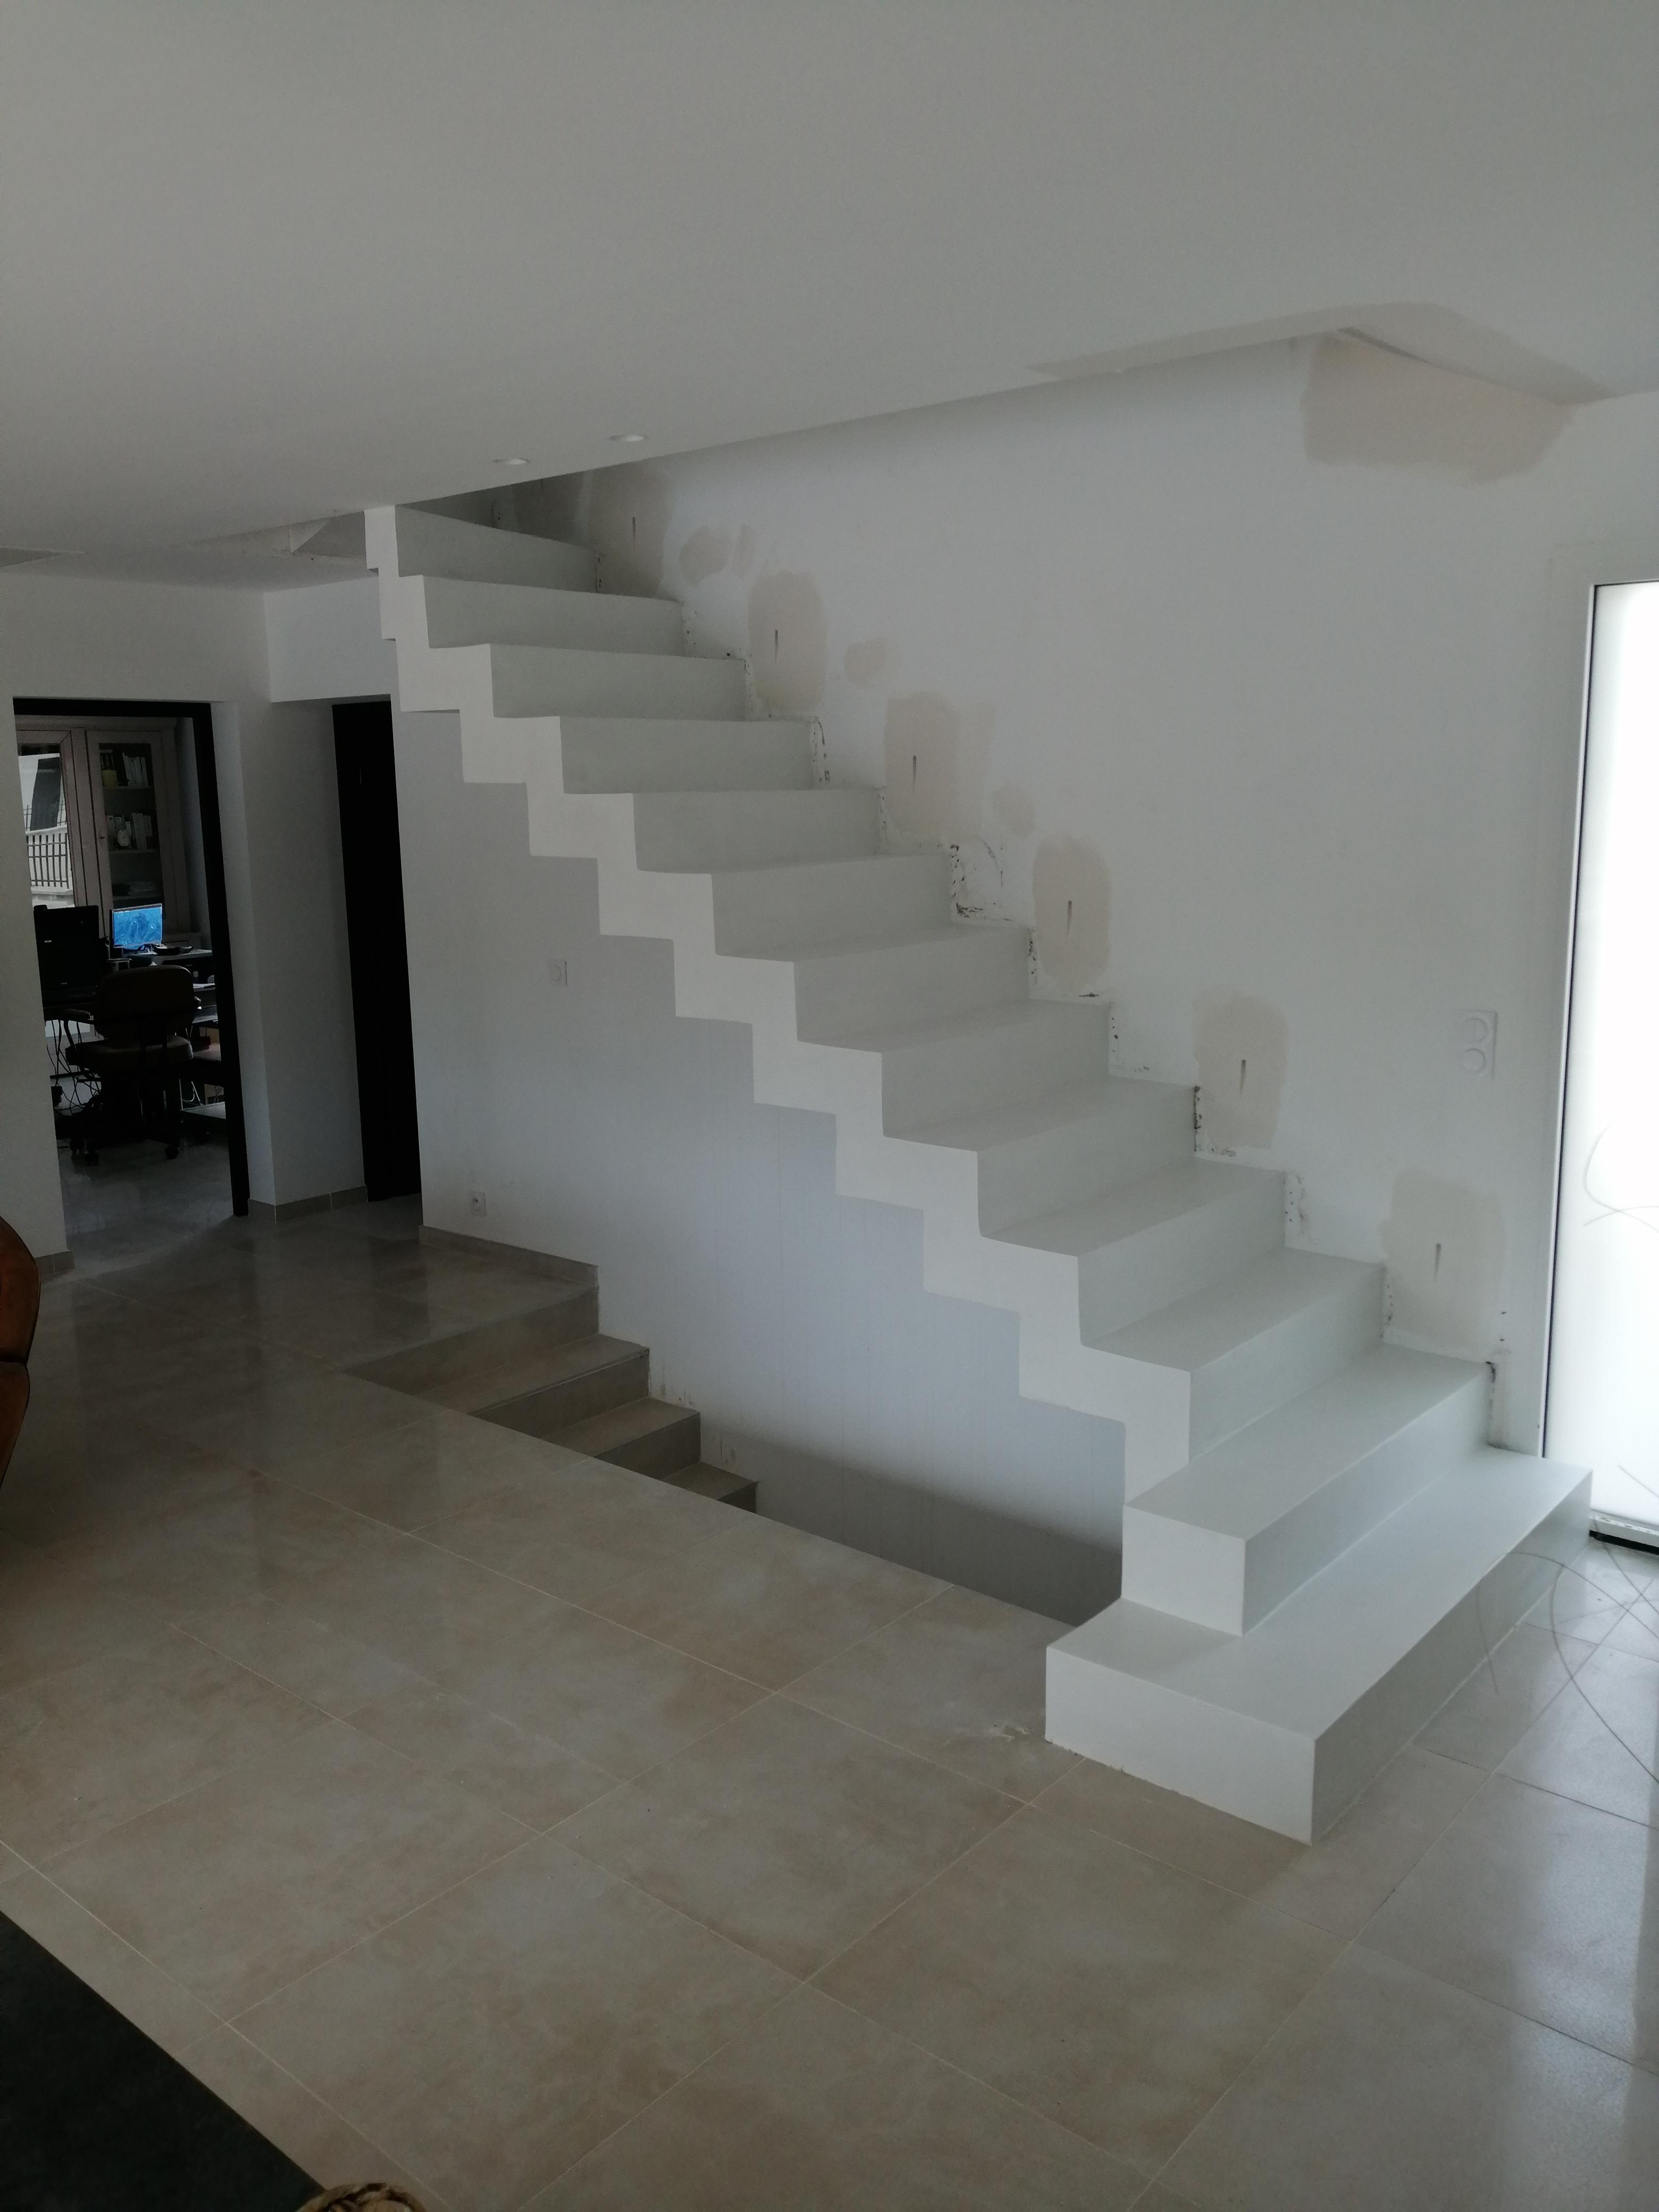 Elegant Escalier Cremaillere Avec Marches Royales En Beton